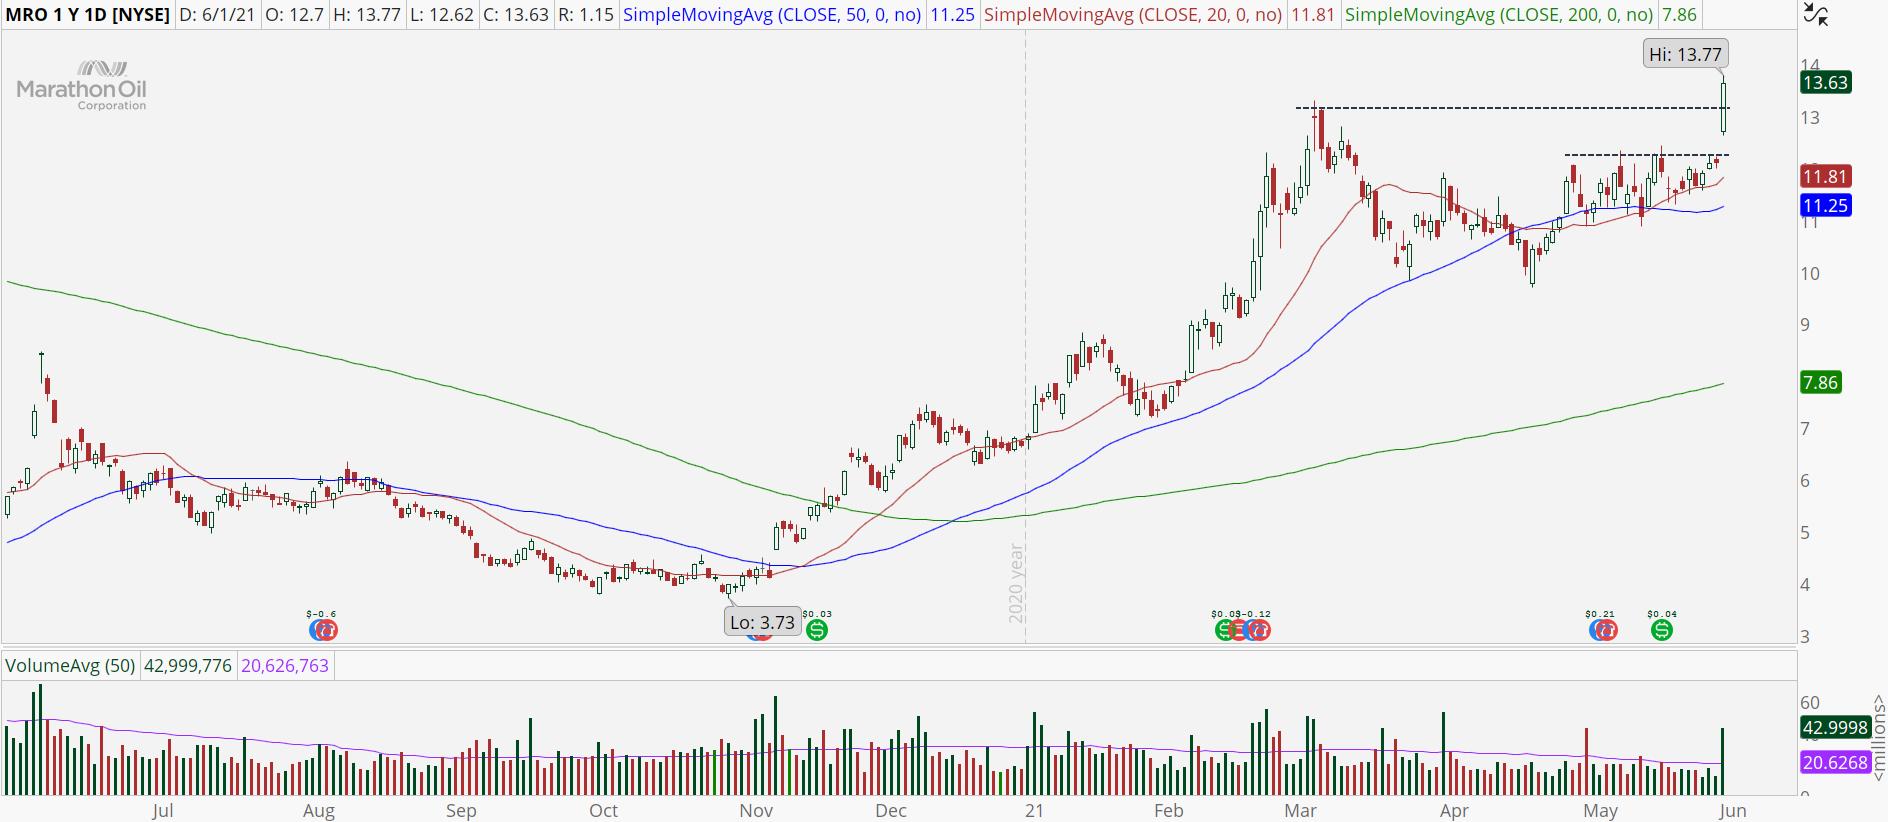 Marathon Oil (MRO) stock chart with bullish breakout